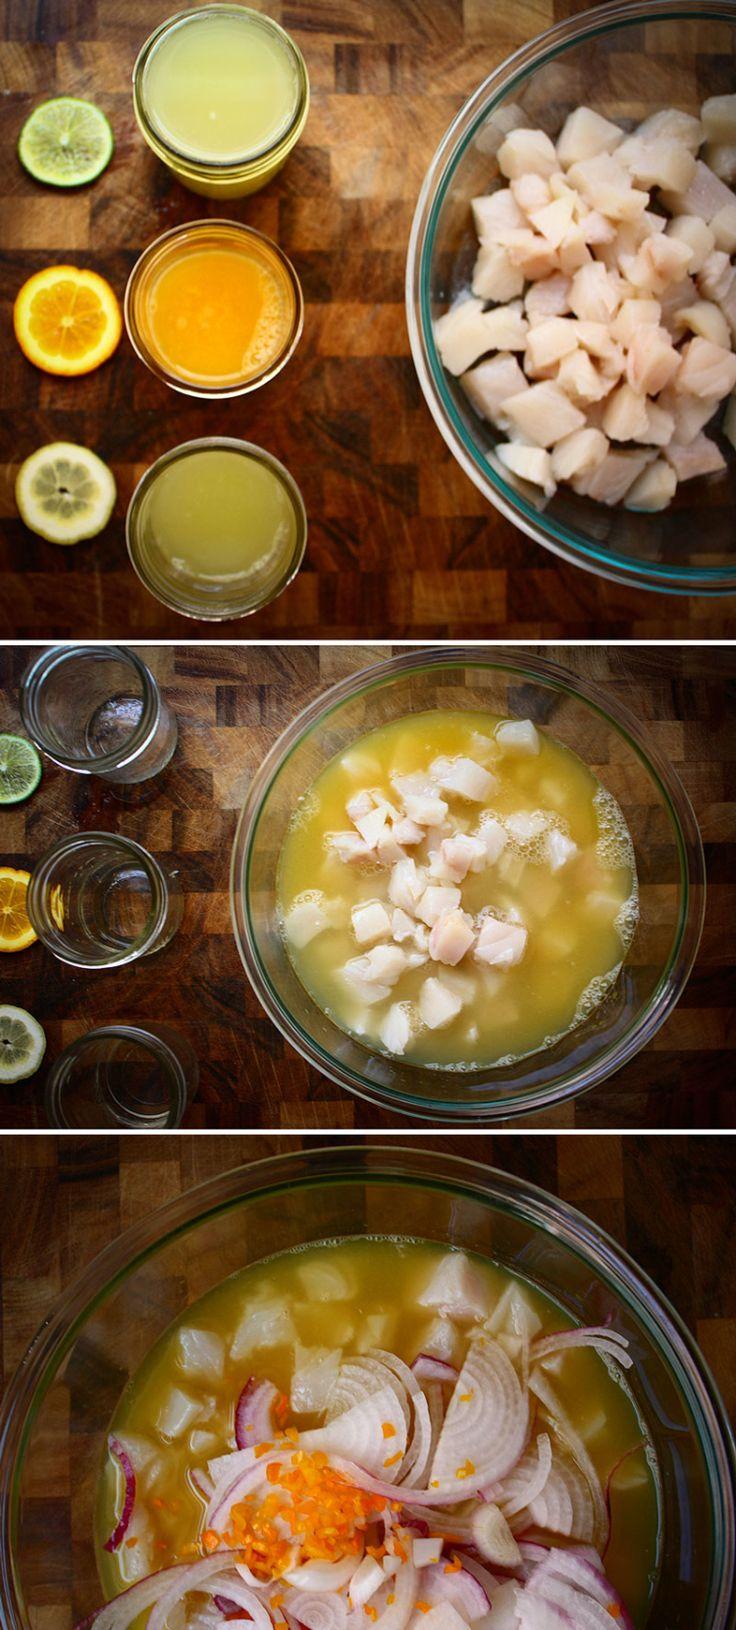 ... Peruvian Ceviche on Pinterest | Ceviche, Peruvian recipes and Ceviche